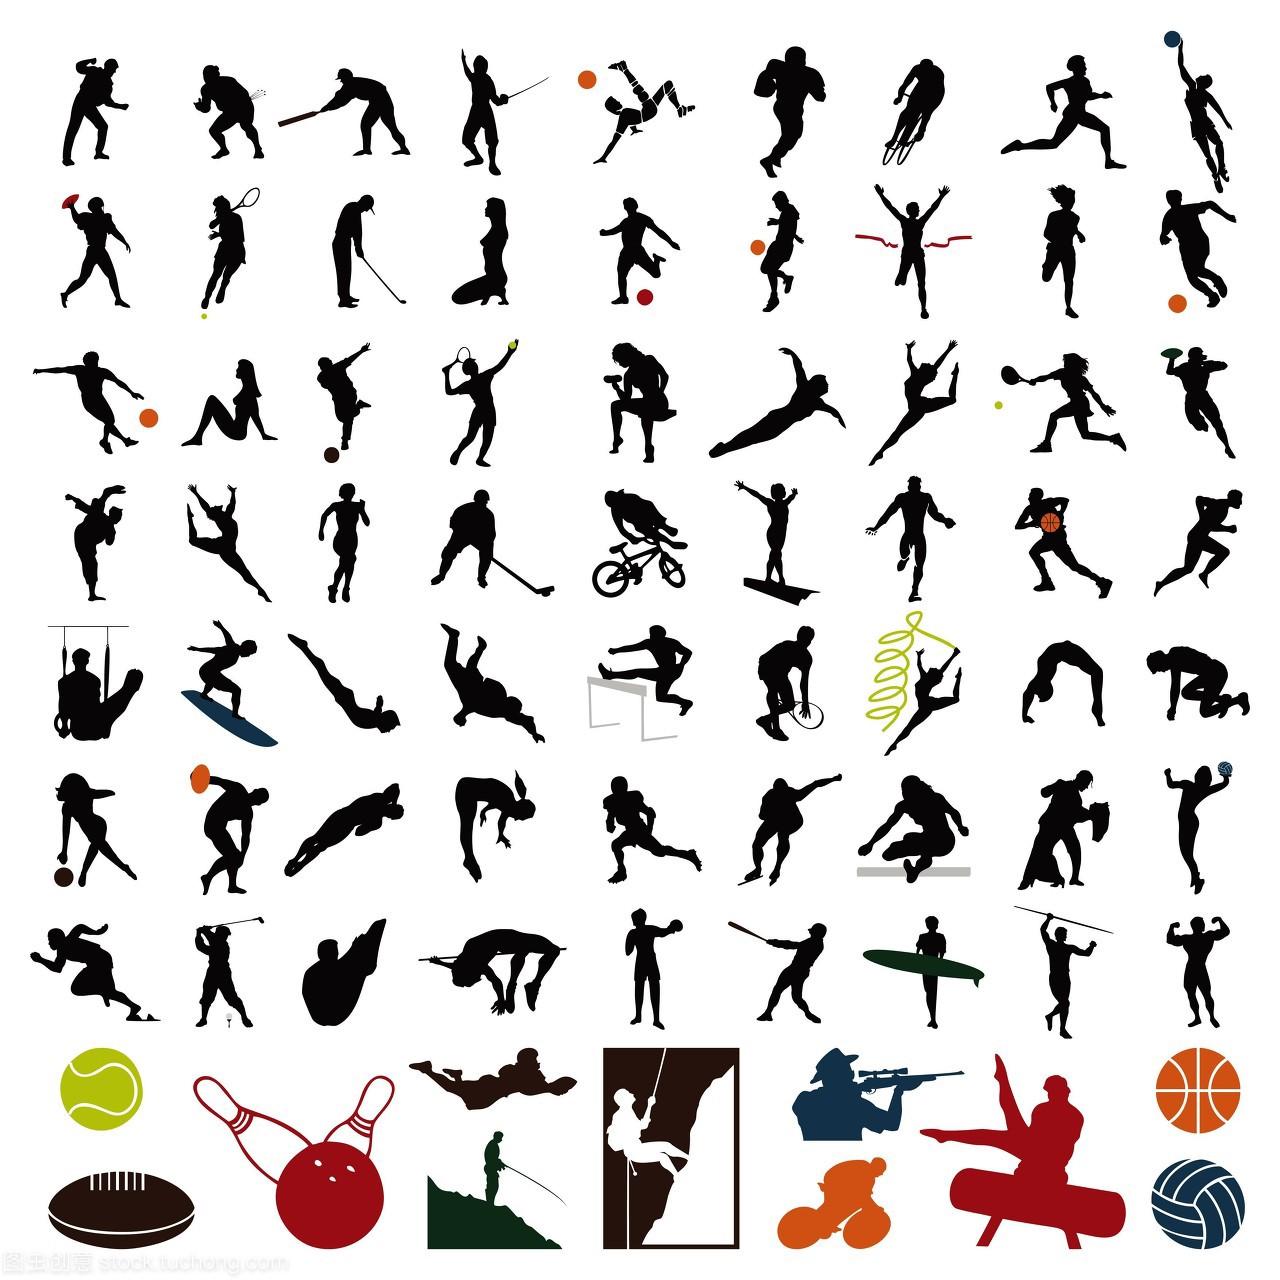 男人,篮球,毽球,须眉,运动,挣扎,男性,球,体育,比球体、健绳比赛总结图片